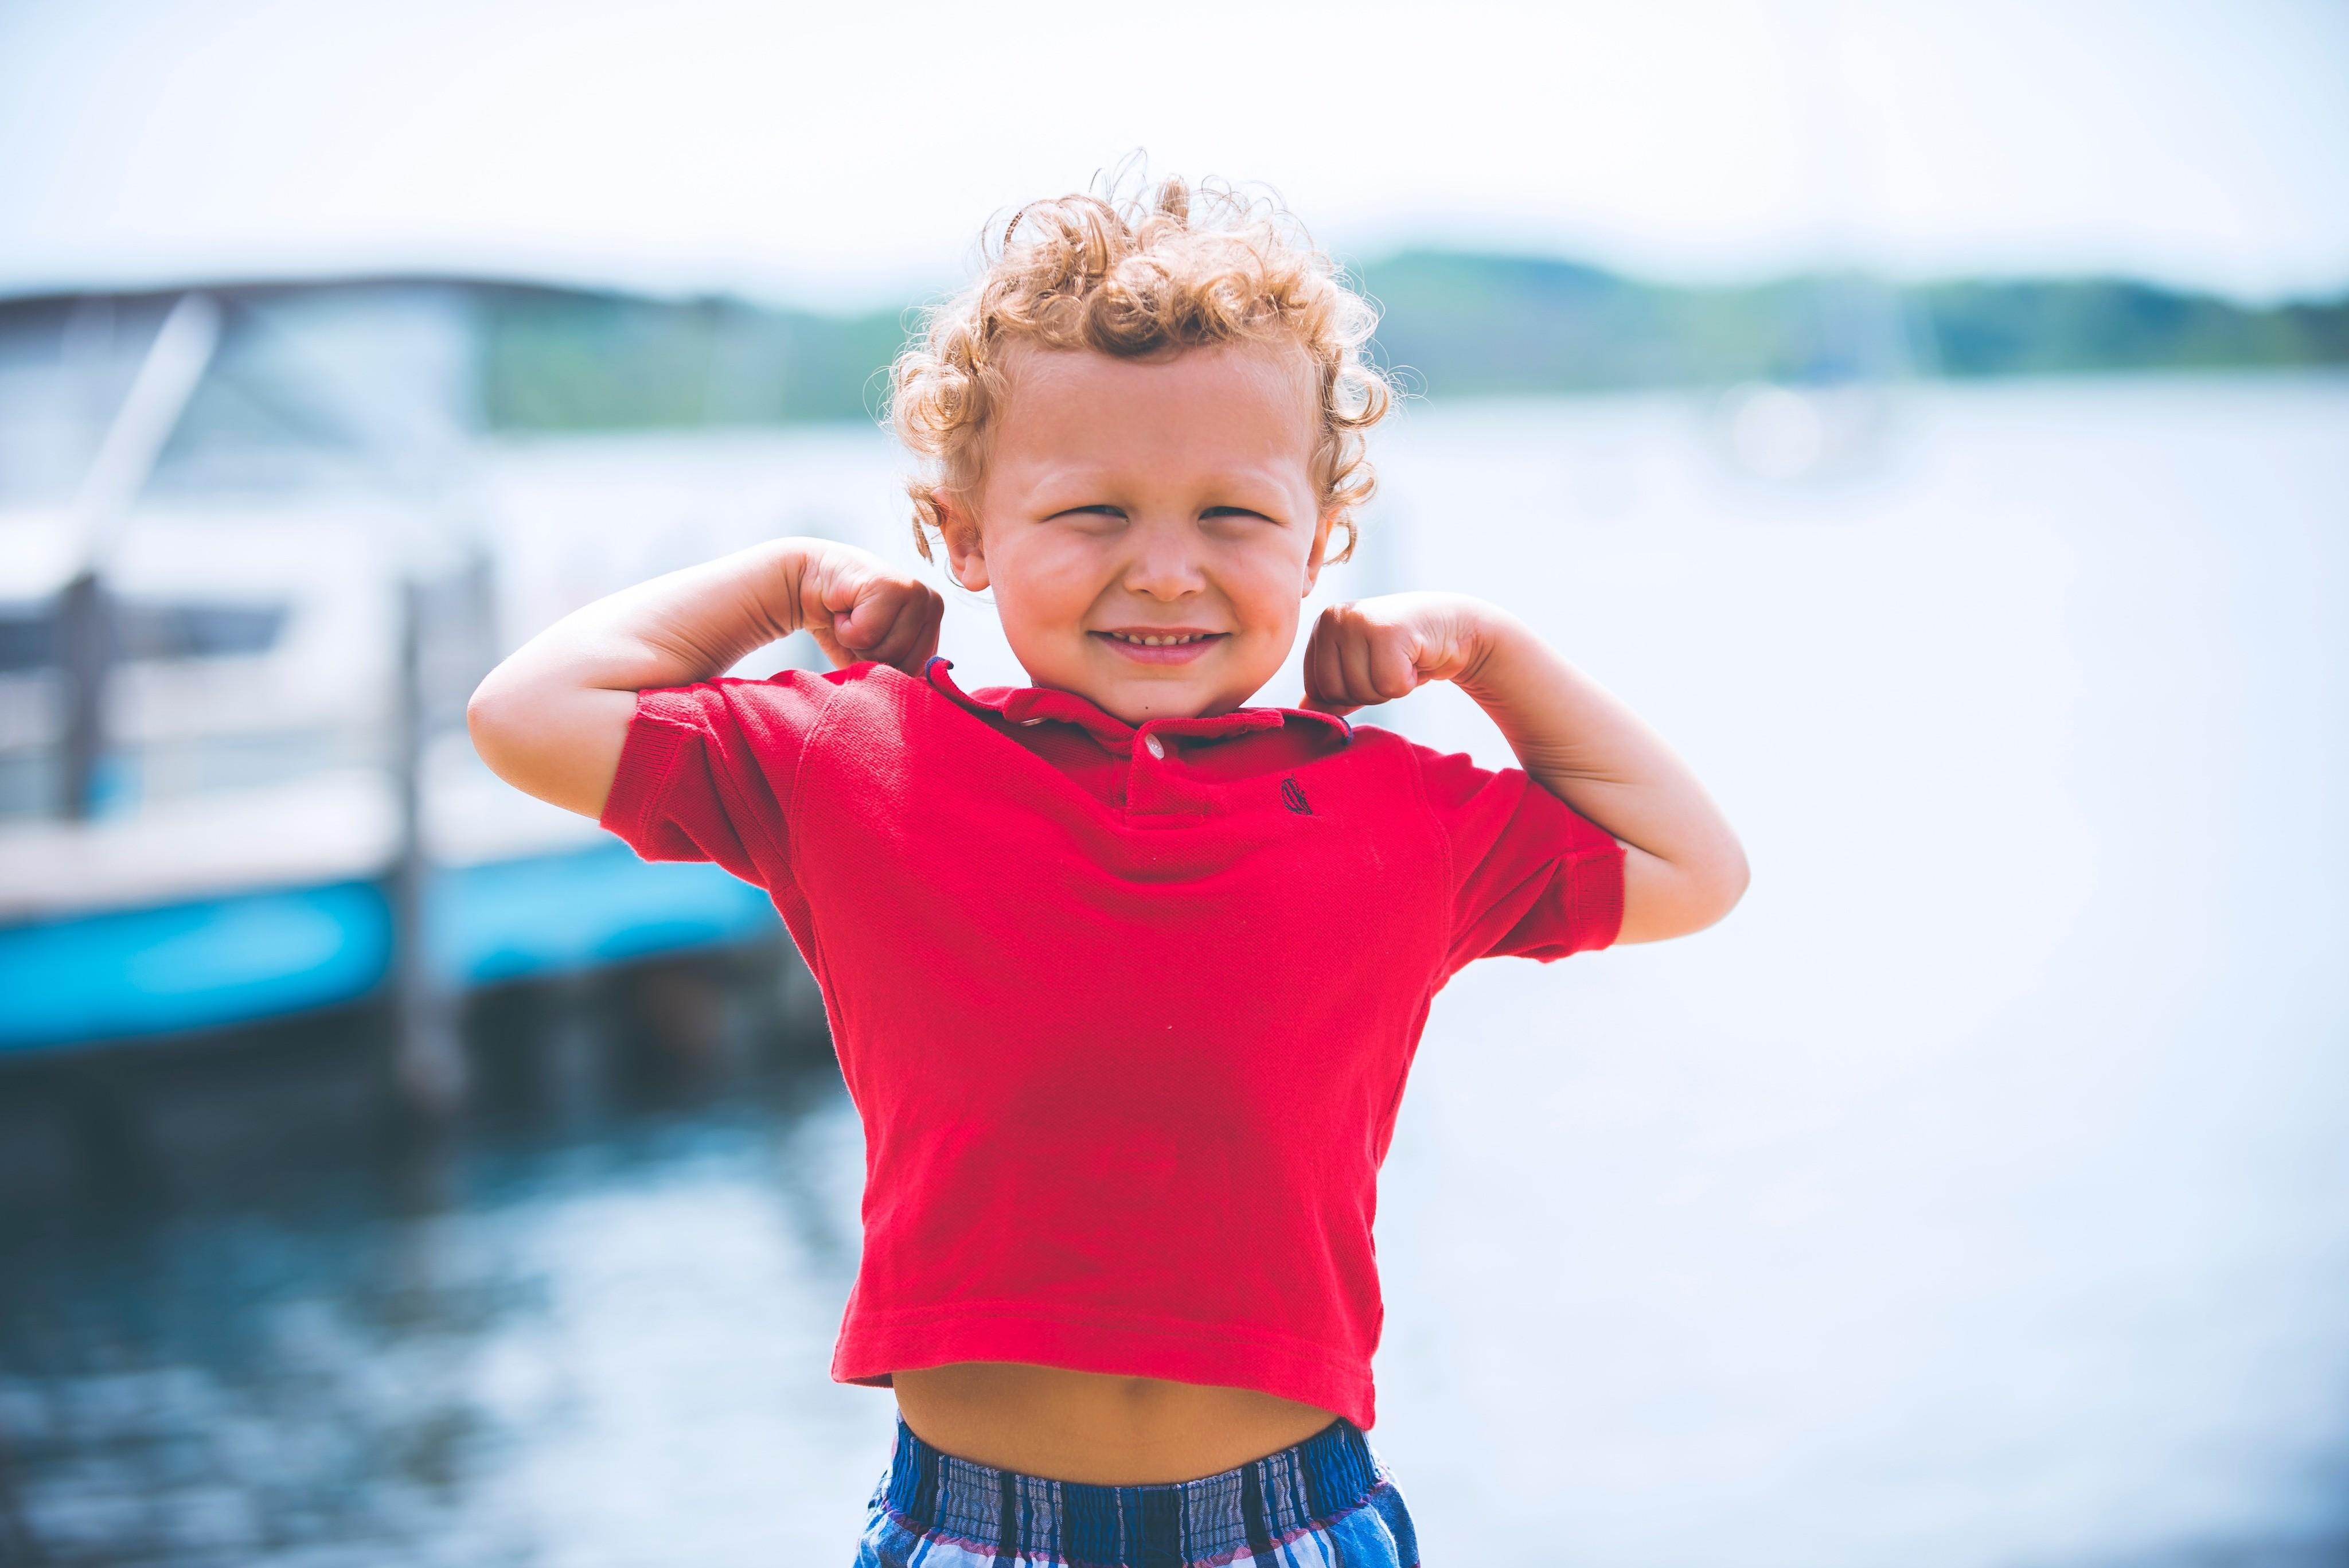 3 психологических шага, как воспитать лидера абсолютно из любого ребенка